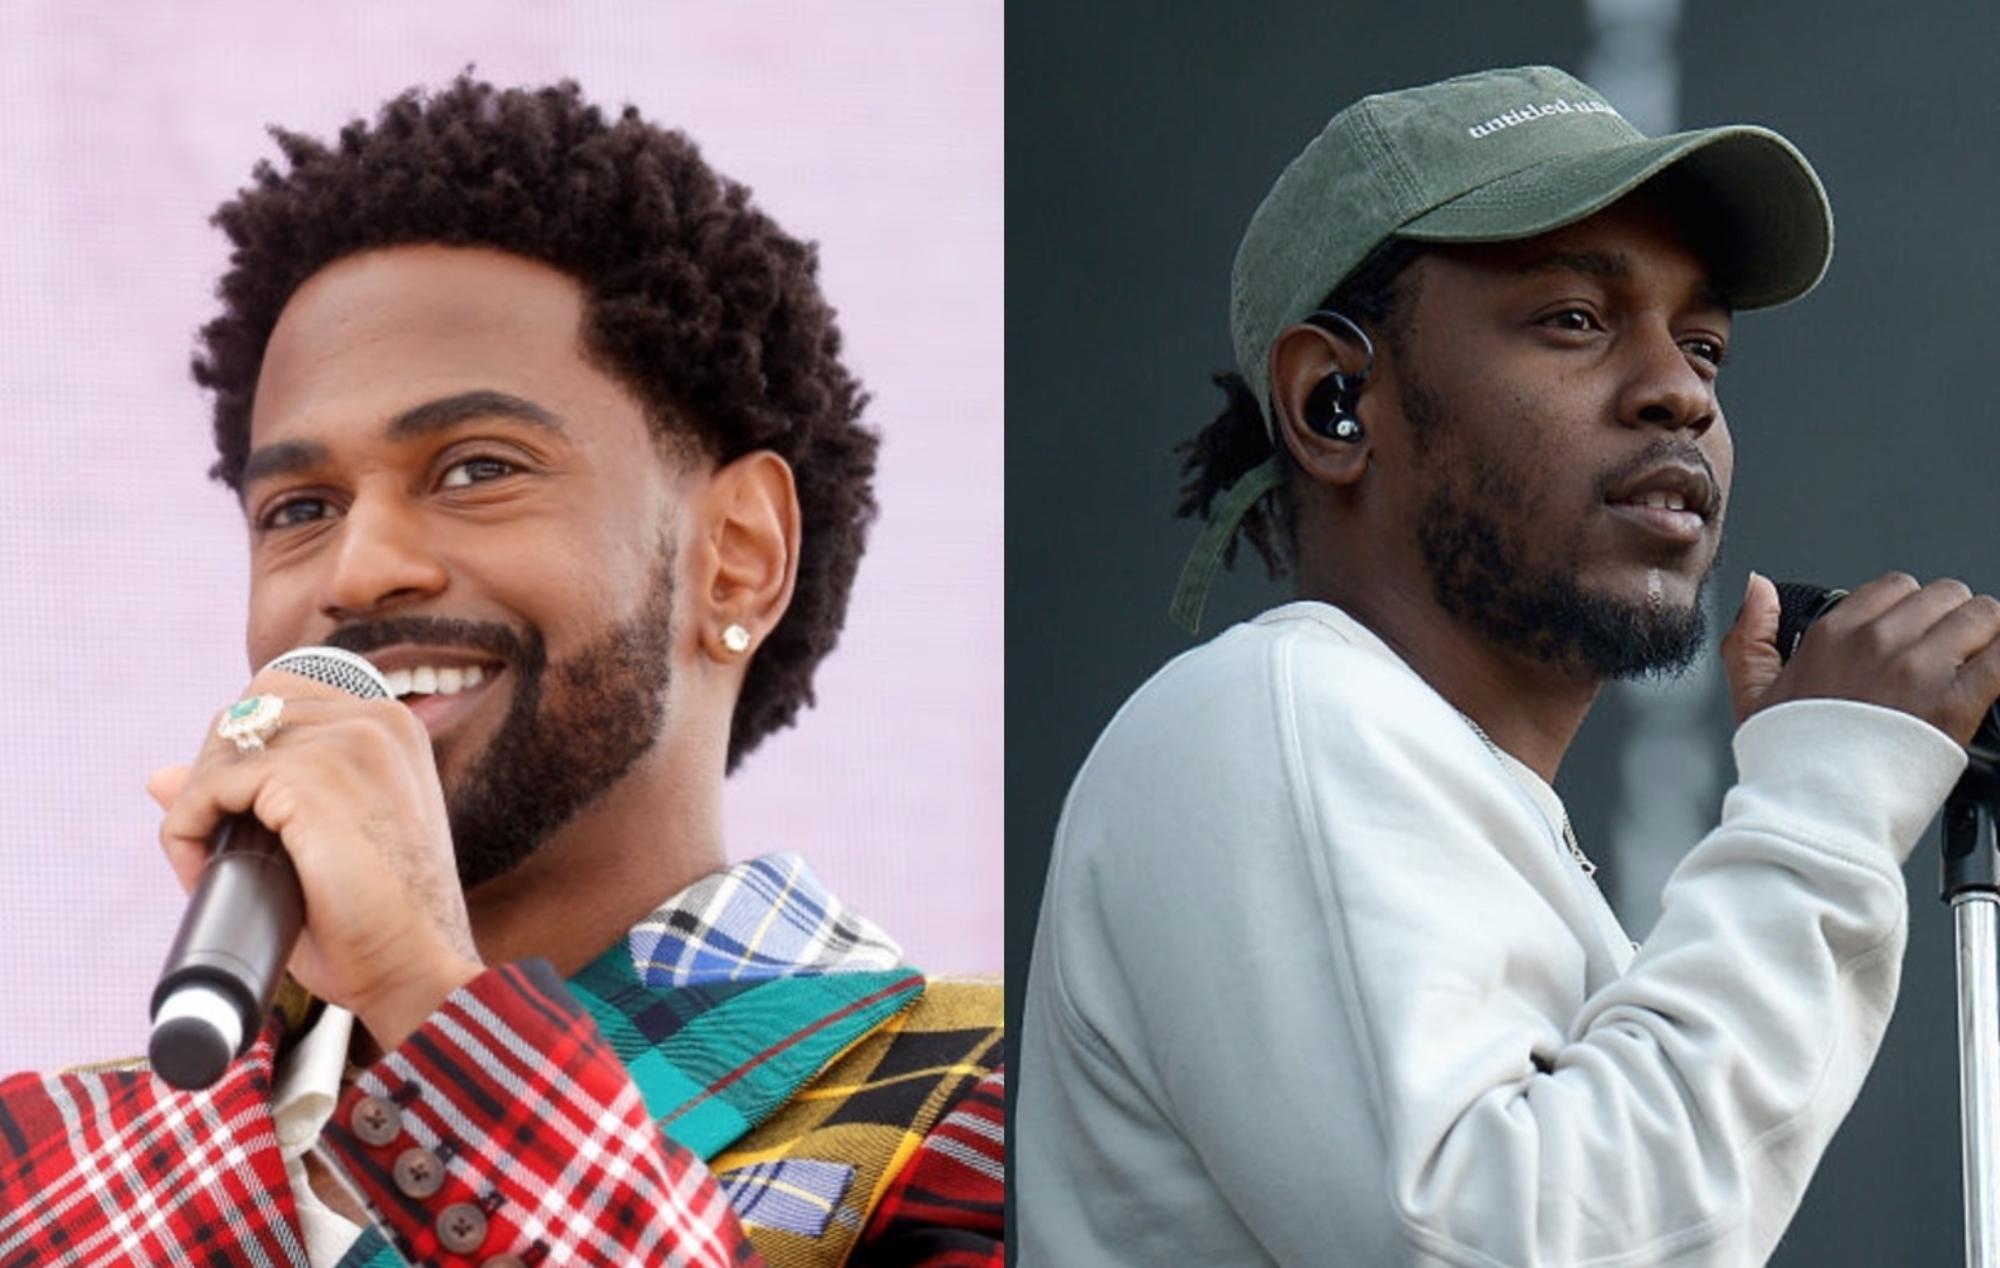 Big Sean and Kendrick Lamar